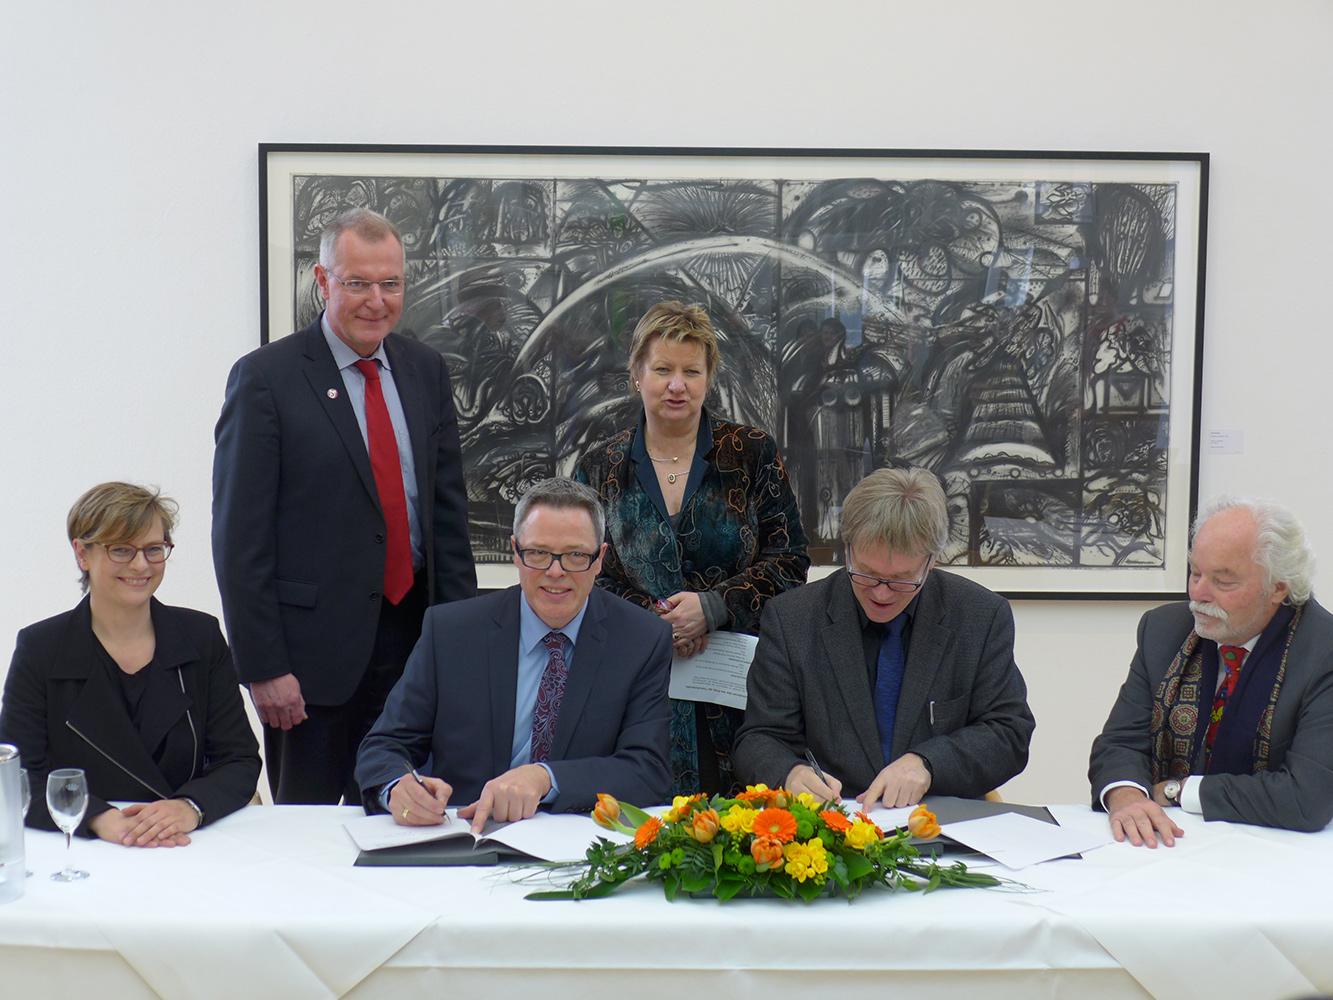 Kunstmuseum Ahlen | Unterzeichnung Kooperationsvertrag